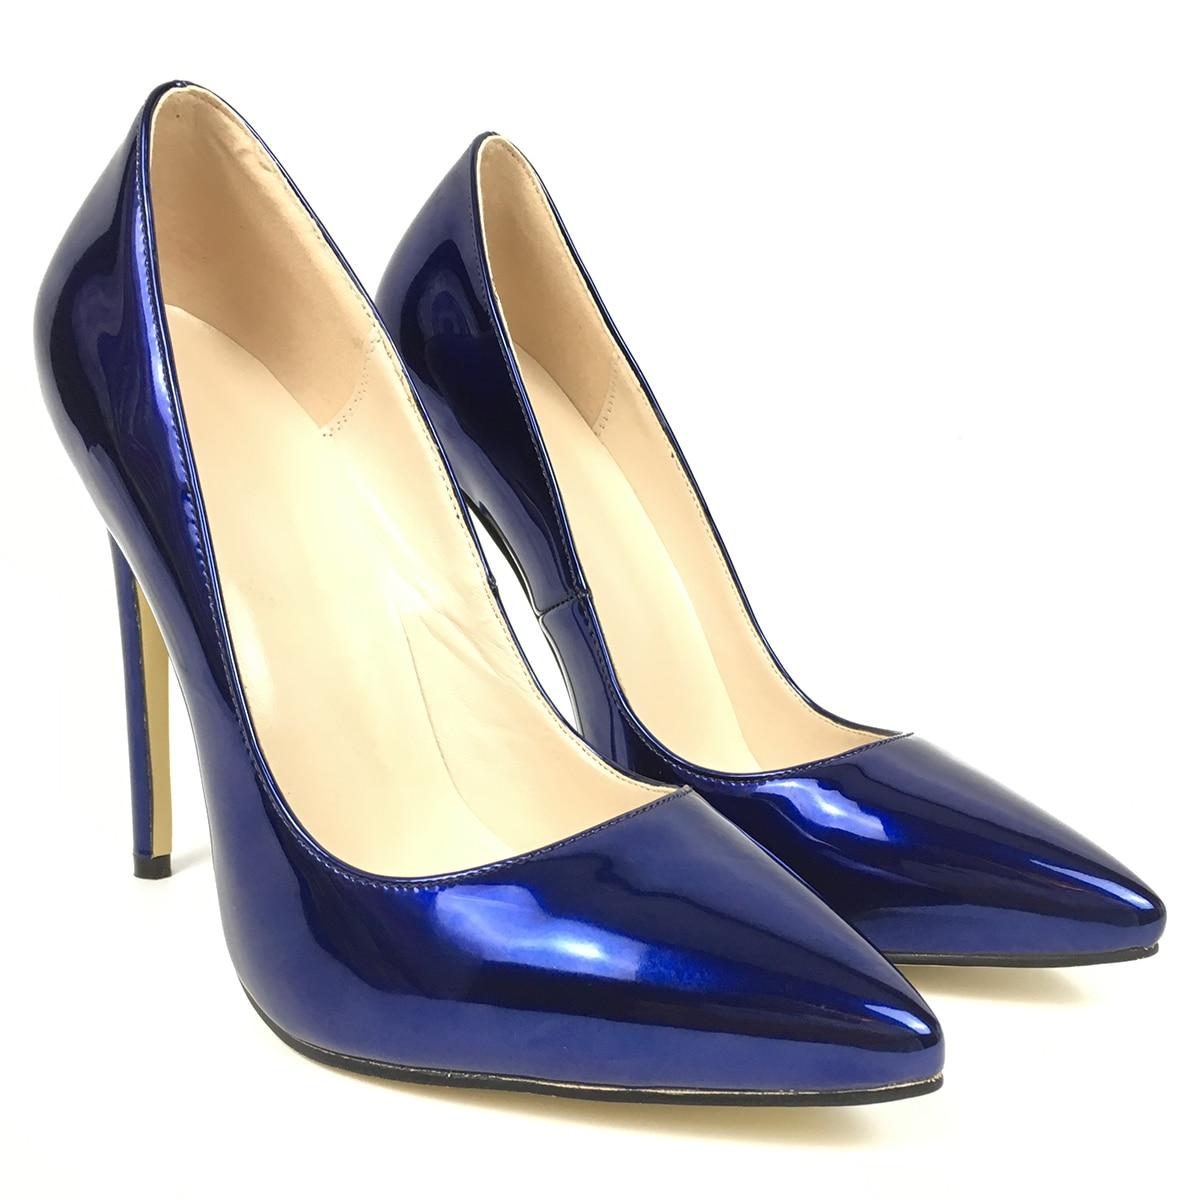 Bombas La Alto Clubwear Primavera De Charol En 2019 Resbalón Punta Vestido Cuero Mujeres Moda Aiyoway Azul Zapatos Las Puntiaguda Tacón Fiesta 57qAww